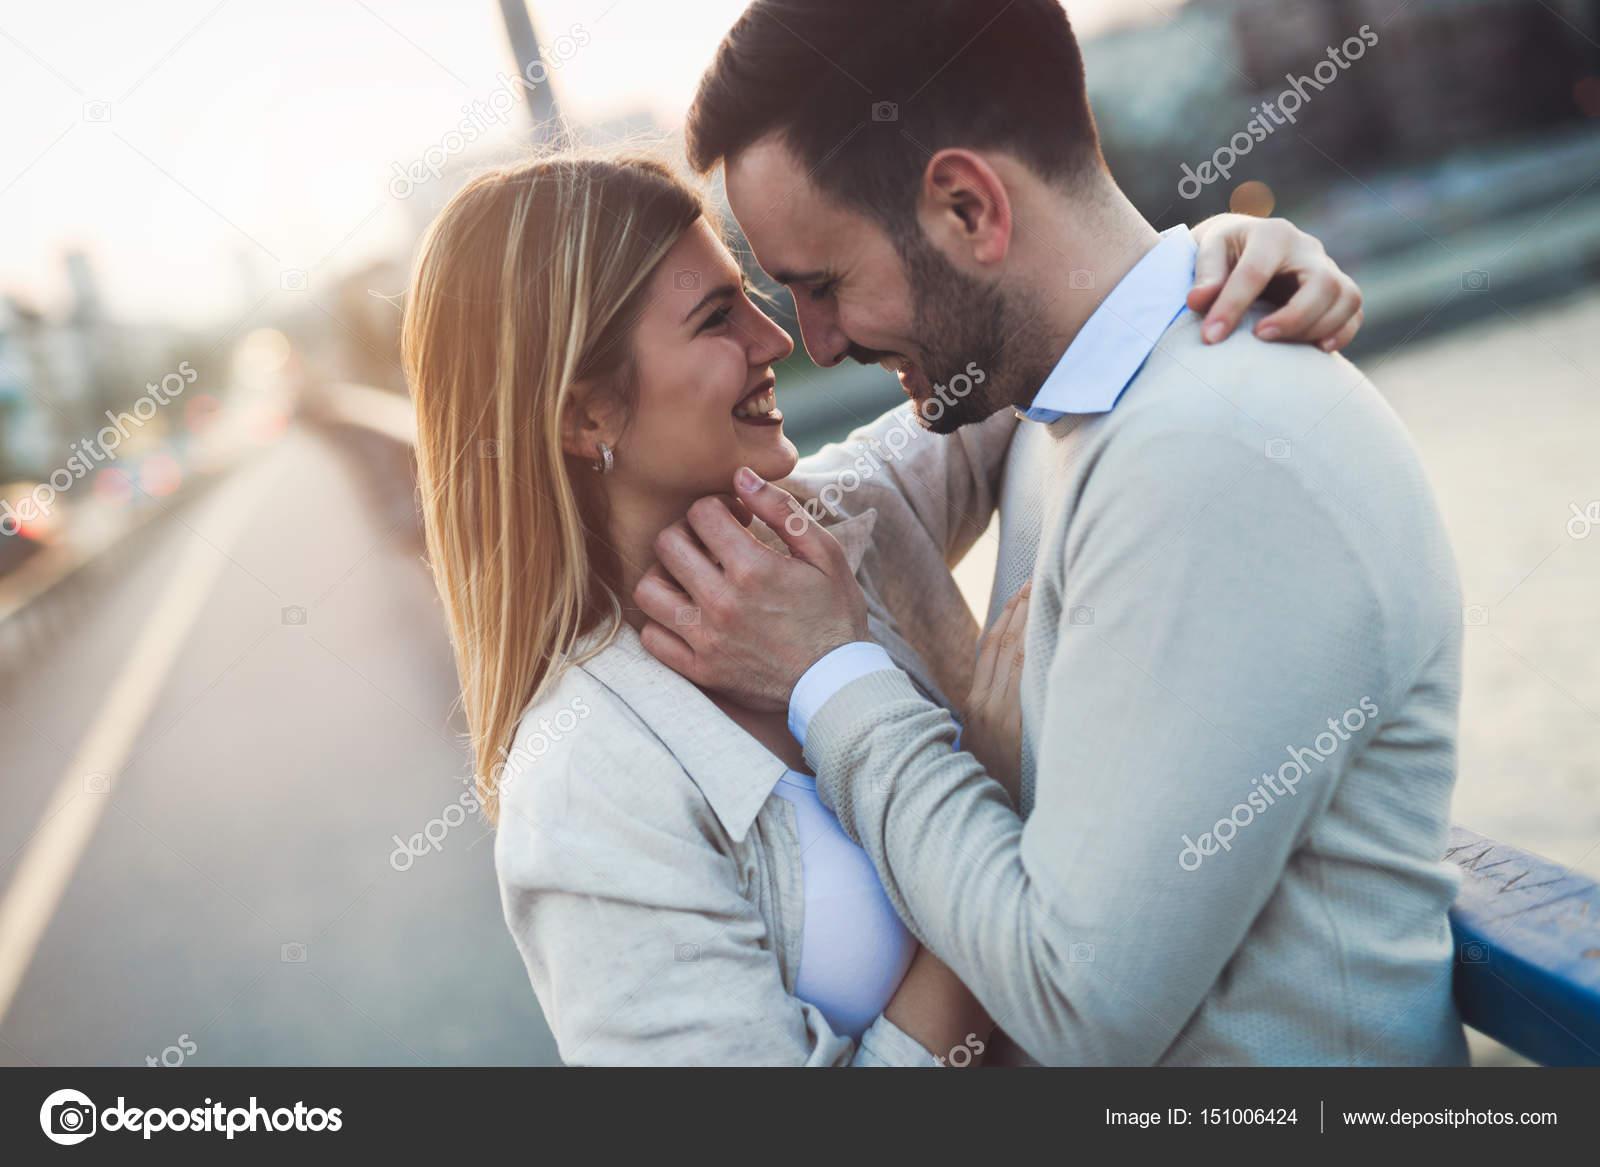 göra de bästa proverna för k/ar och 40ar/39Ar dating metoder